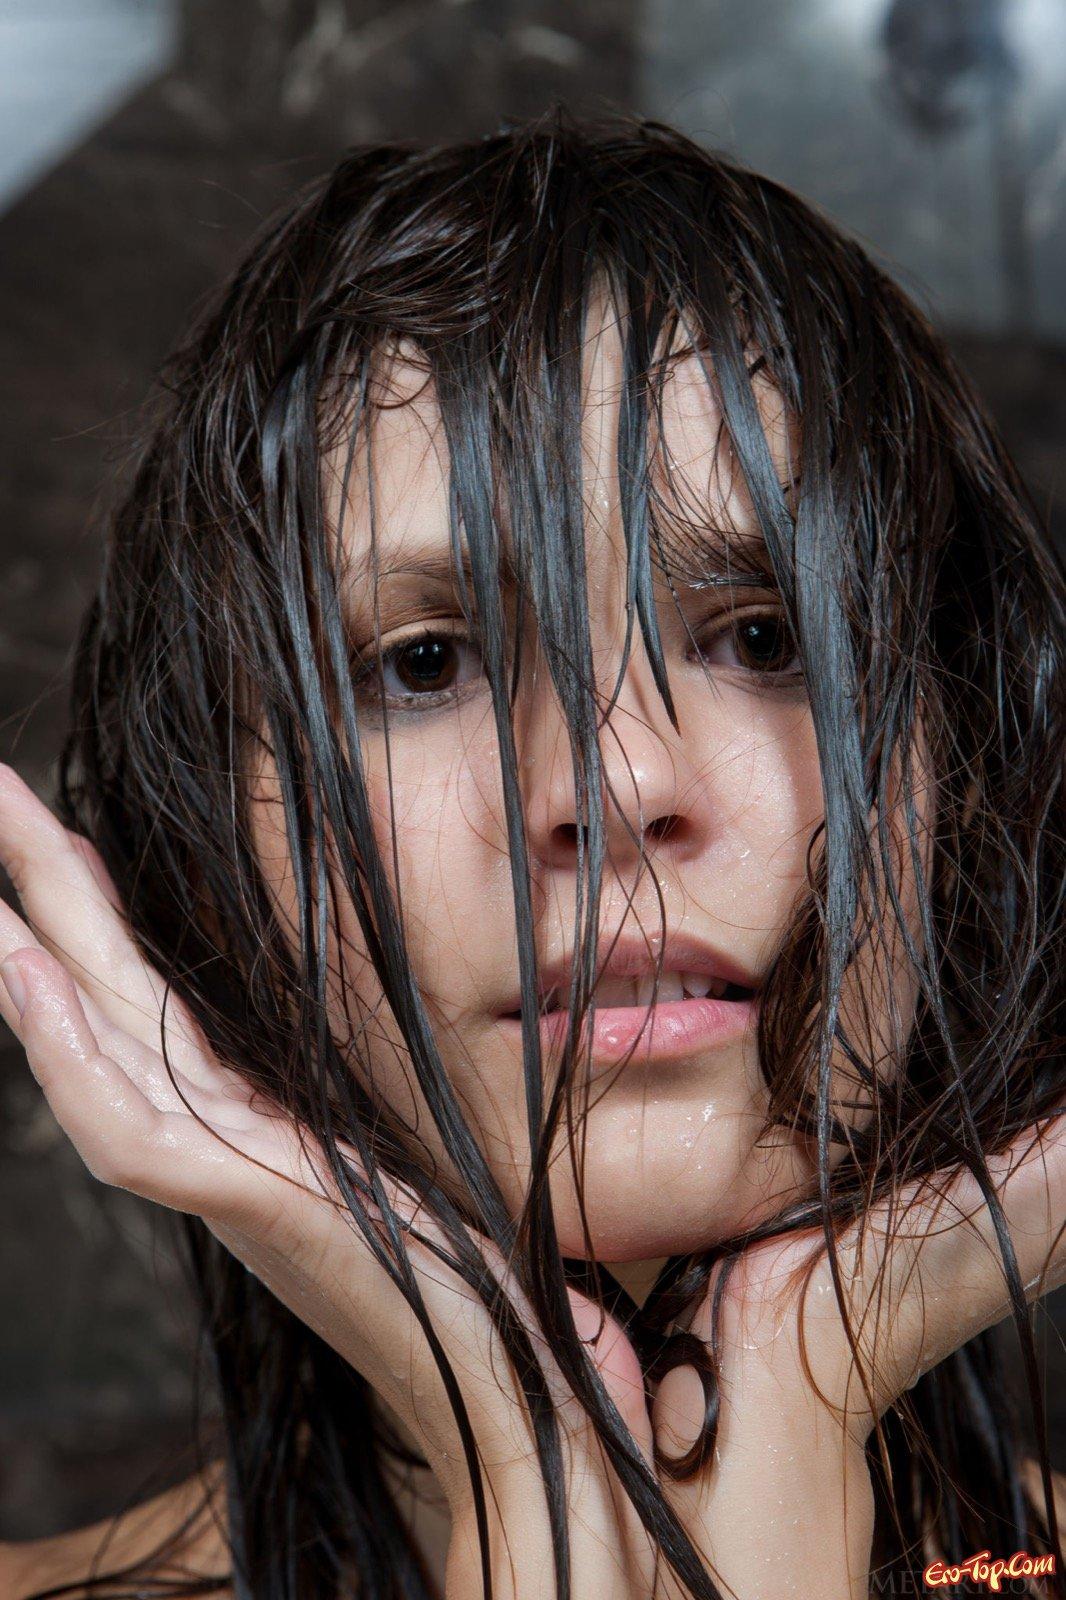 Раздетая топ-модель показывает соблазнительное тело в ванной